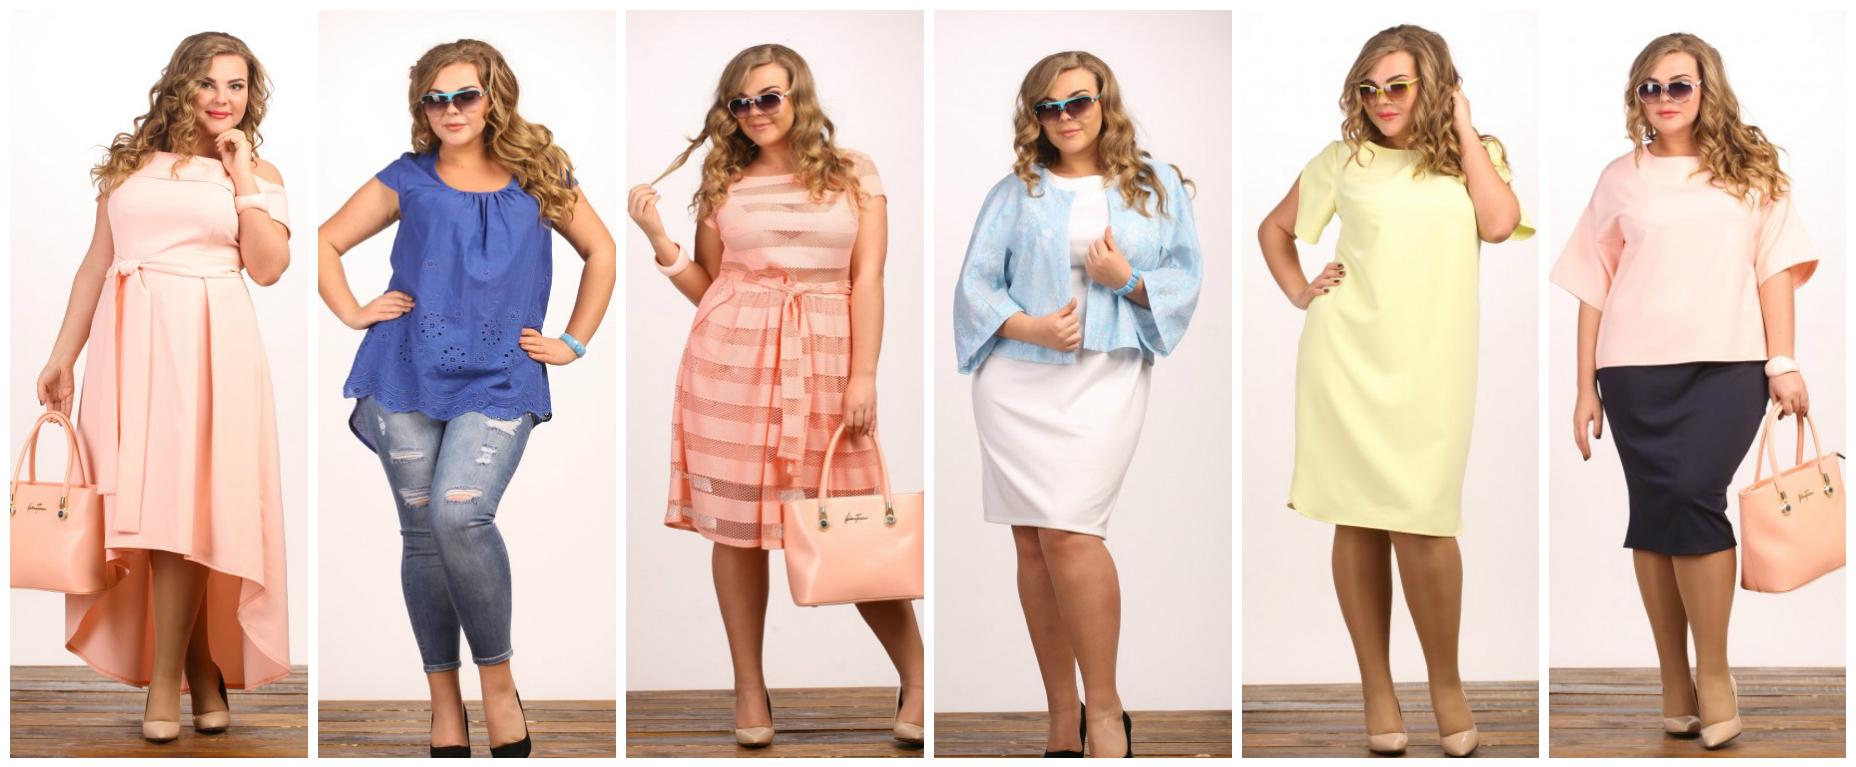 Сбор заказов. Роскошь достойная королевы. Встречаем новую, летнею коллекцию изумительной красоты по супер ценам!! Платья, блузы, жакеты, костюмы и много всего. Размеры 48 - 72 ! Выкуп 33